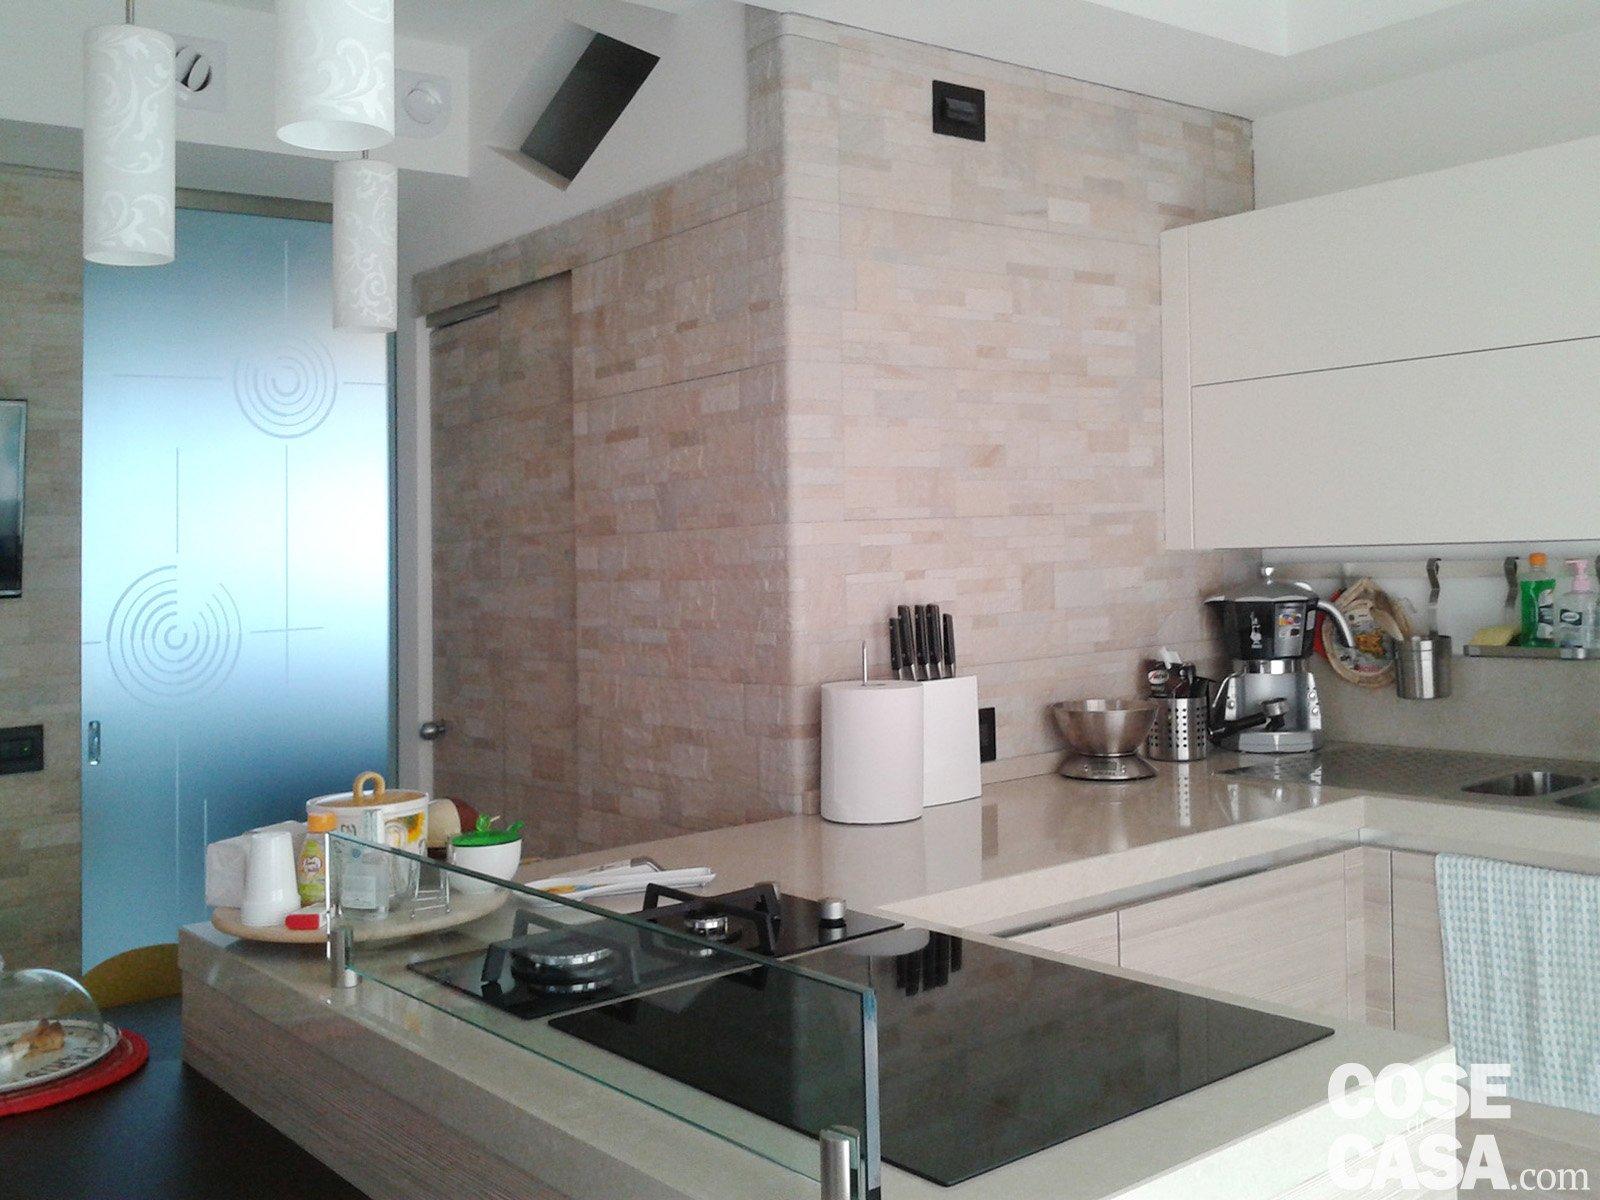 Foto2 cucina con rivestimento in pietra e porta scorrevole - Rivestimento cucina effetto pietra ...